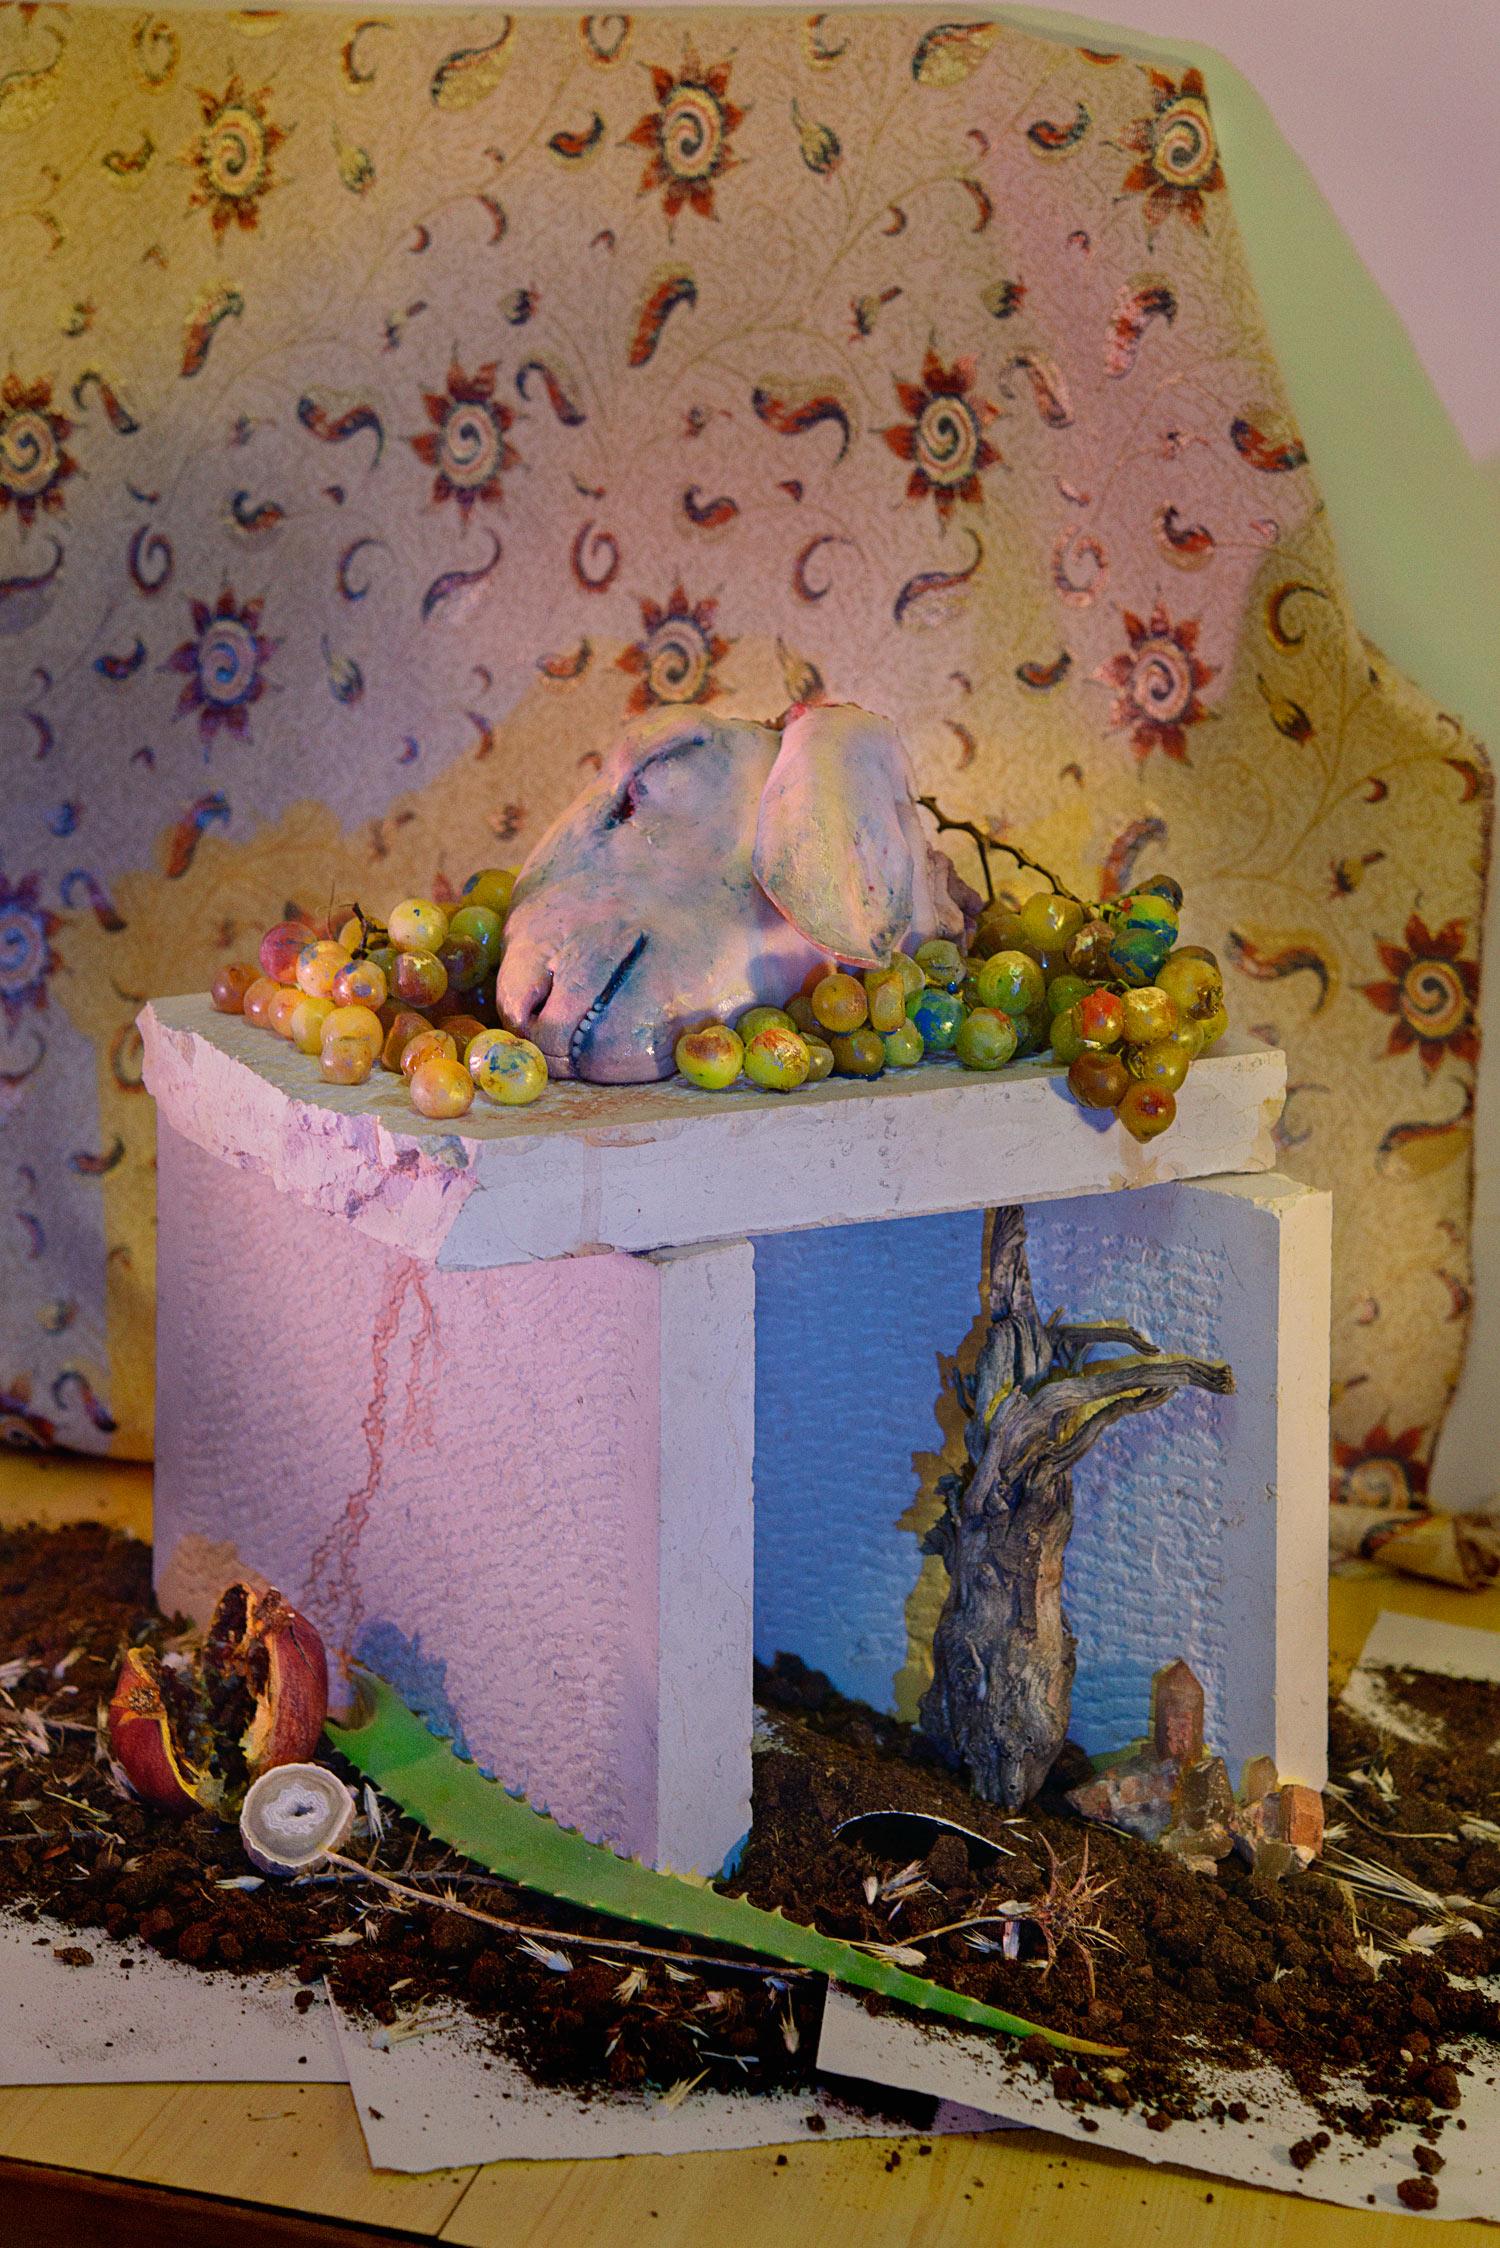 The lamb altar